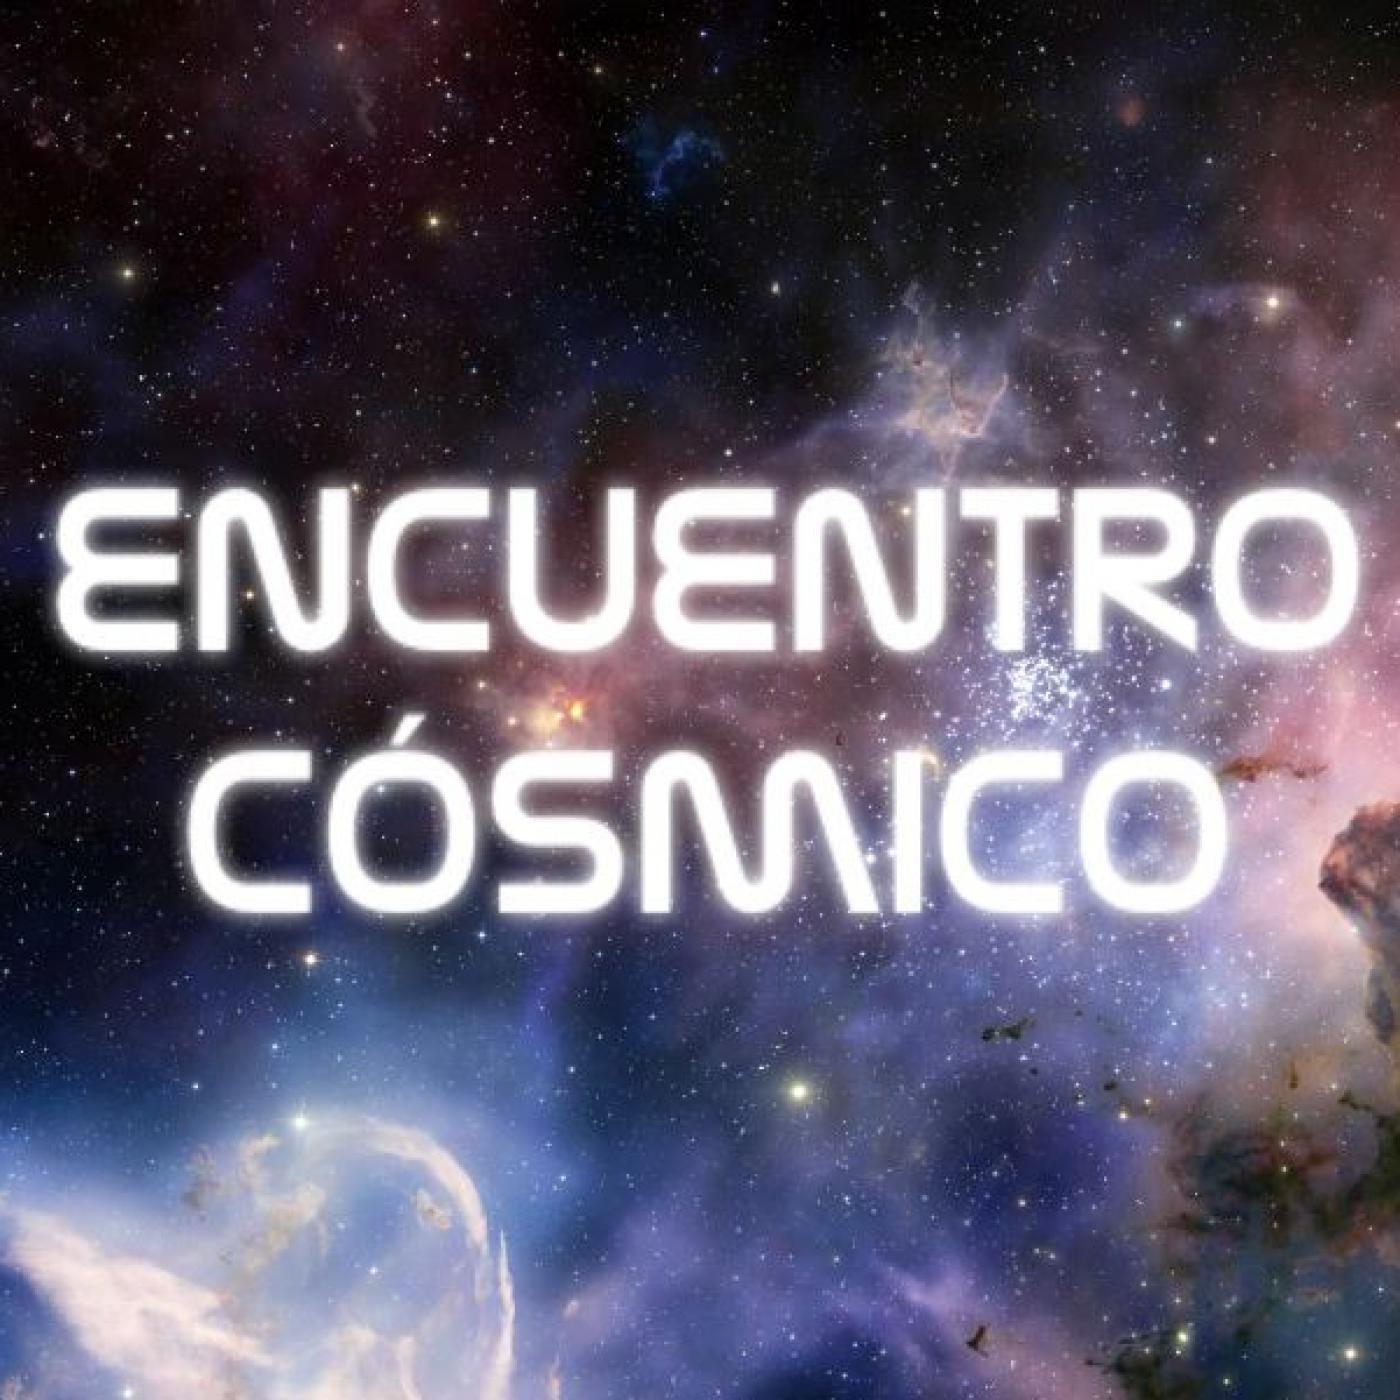 Encuentro Cósmico - Programa 20-08-20